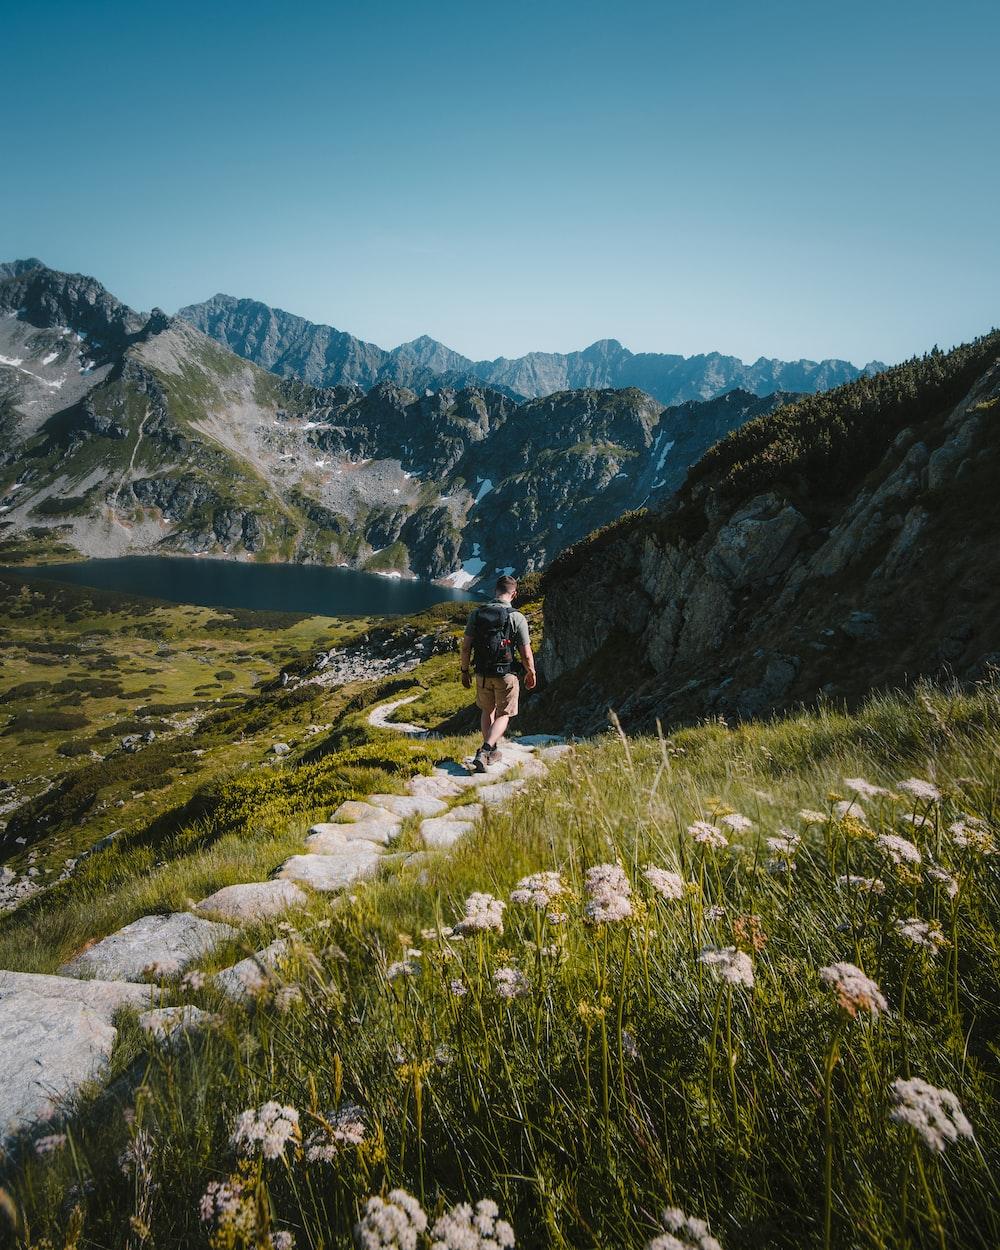 person walking towards mountain during daytime